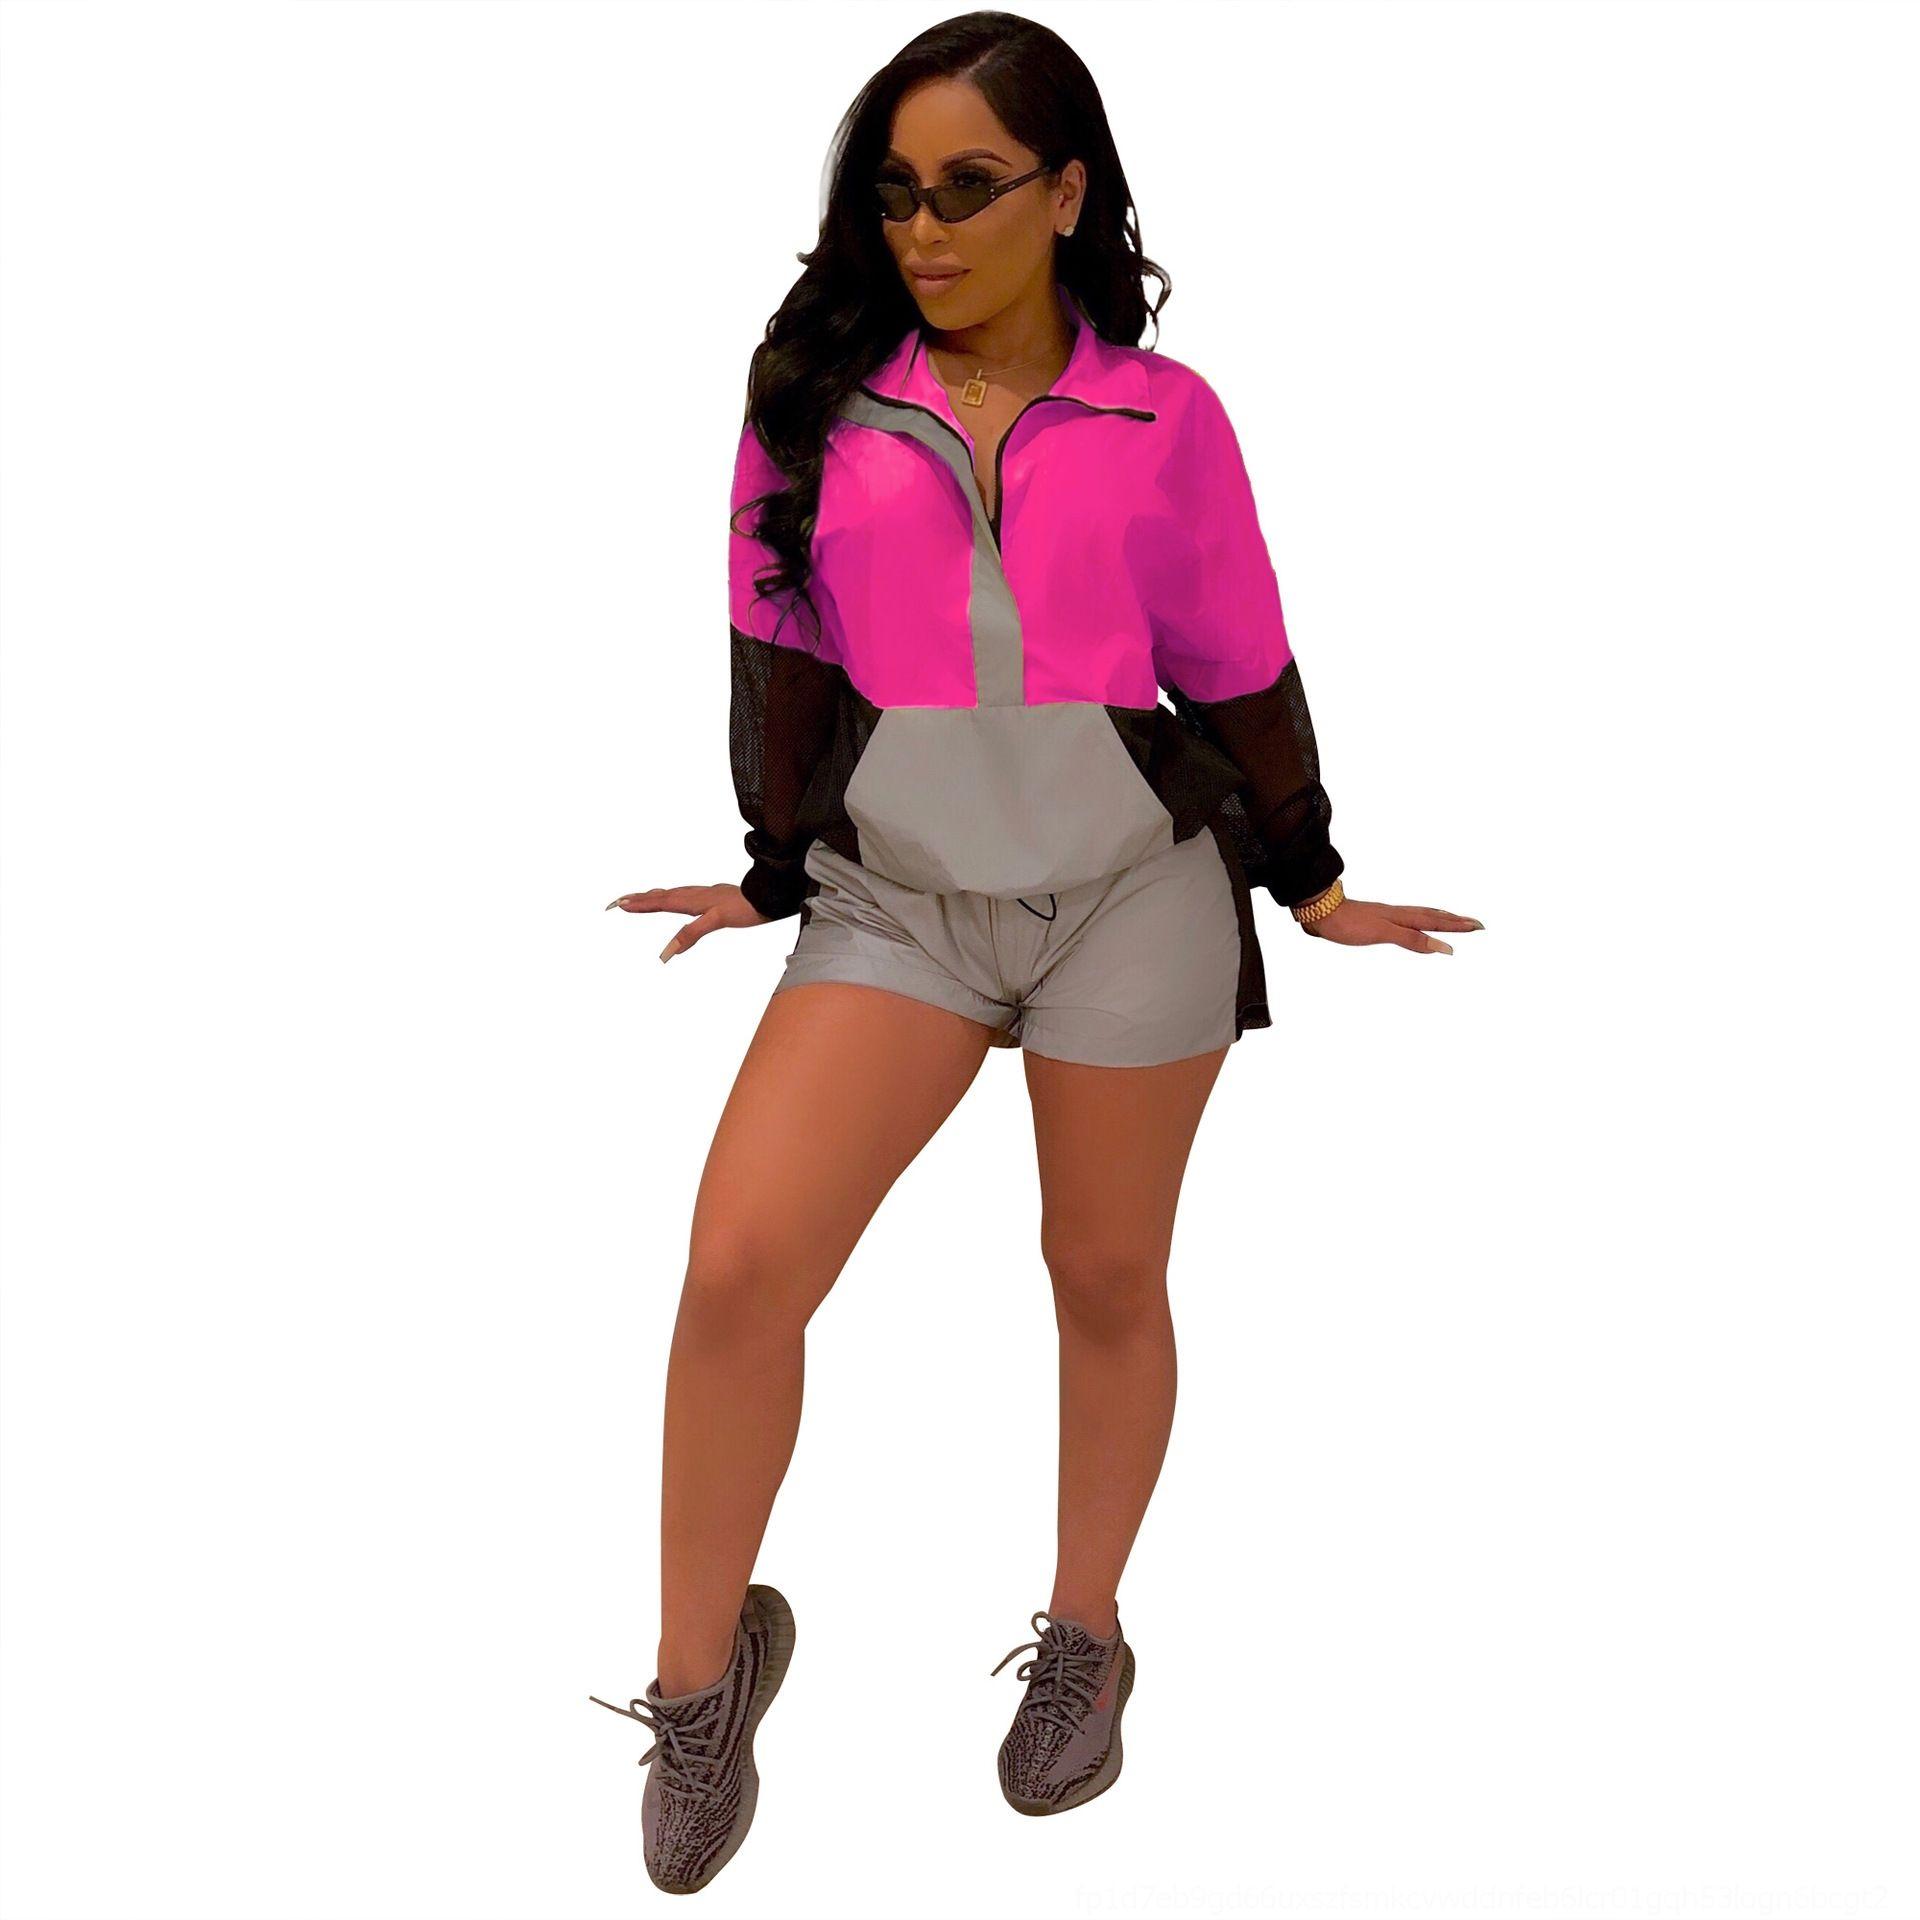 S4s50 JgyJm QJ5239 Frauen lang Klagefrauen reflektierende Nachtclub passende reflektierende Farbe Sport Ärmelart neuen Anzug